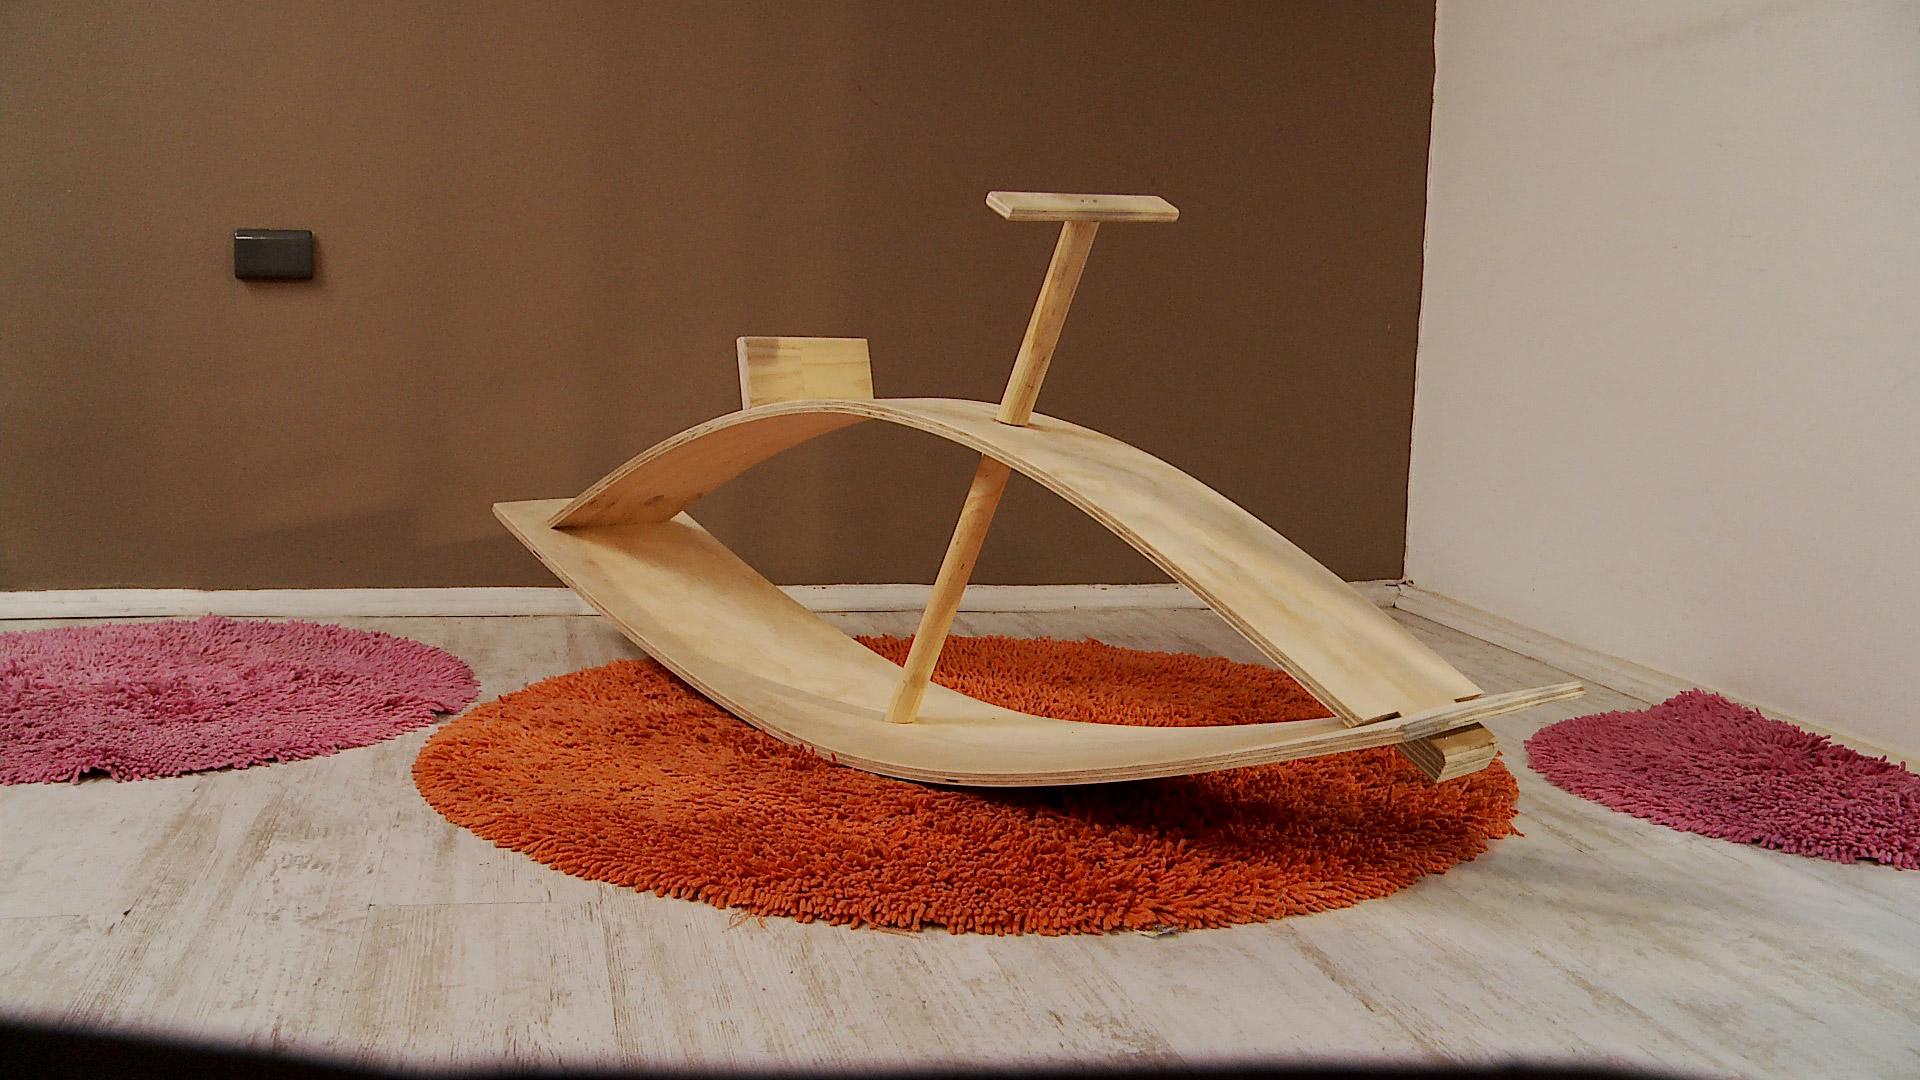 H galo usted mismo c mo construir una bicicleta - Proyectos de madera ...